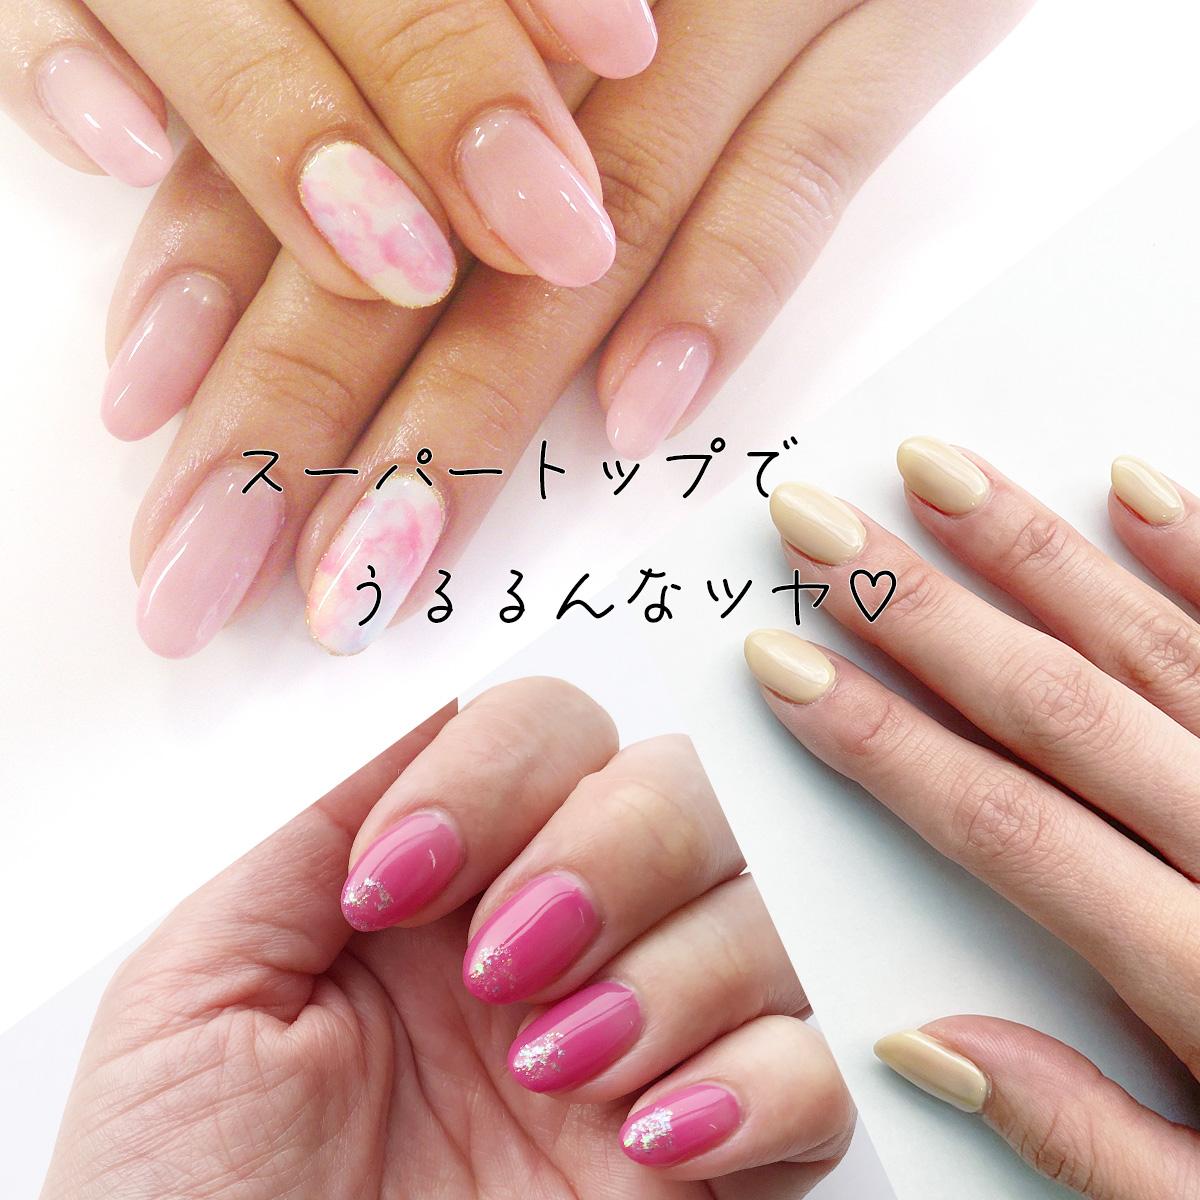 【ランプなしSBセット】SHINYGEL: SBスターターキット(ランプなし)【スーパーベース5g+スーパートップ5g】 爪を傷めない弱酸性 リピーターセット ジェルネイルキット ジェルネイルセット スターターセット (シャイニージェル) [UV/LED対応○]